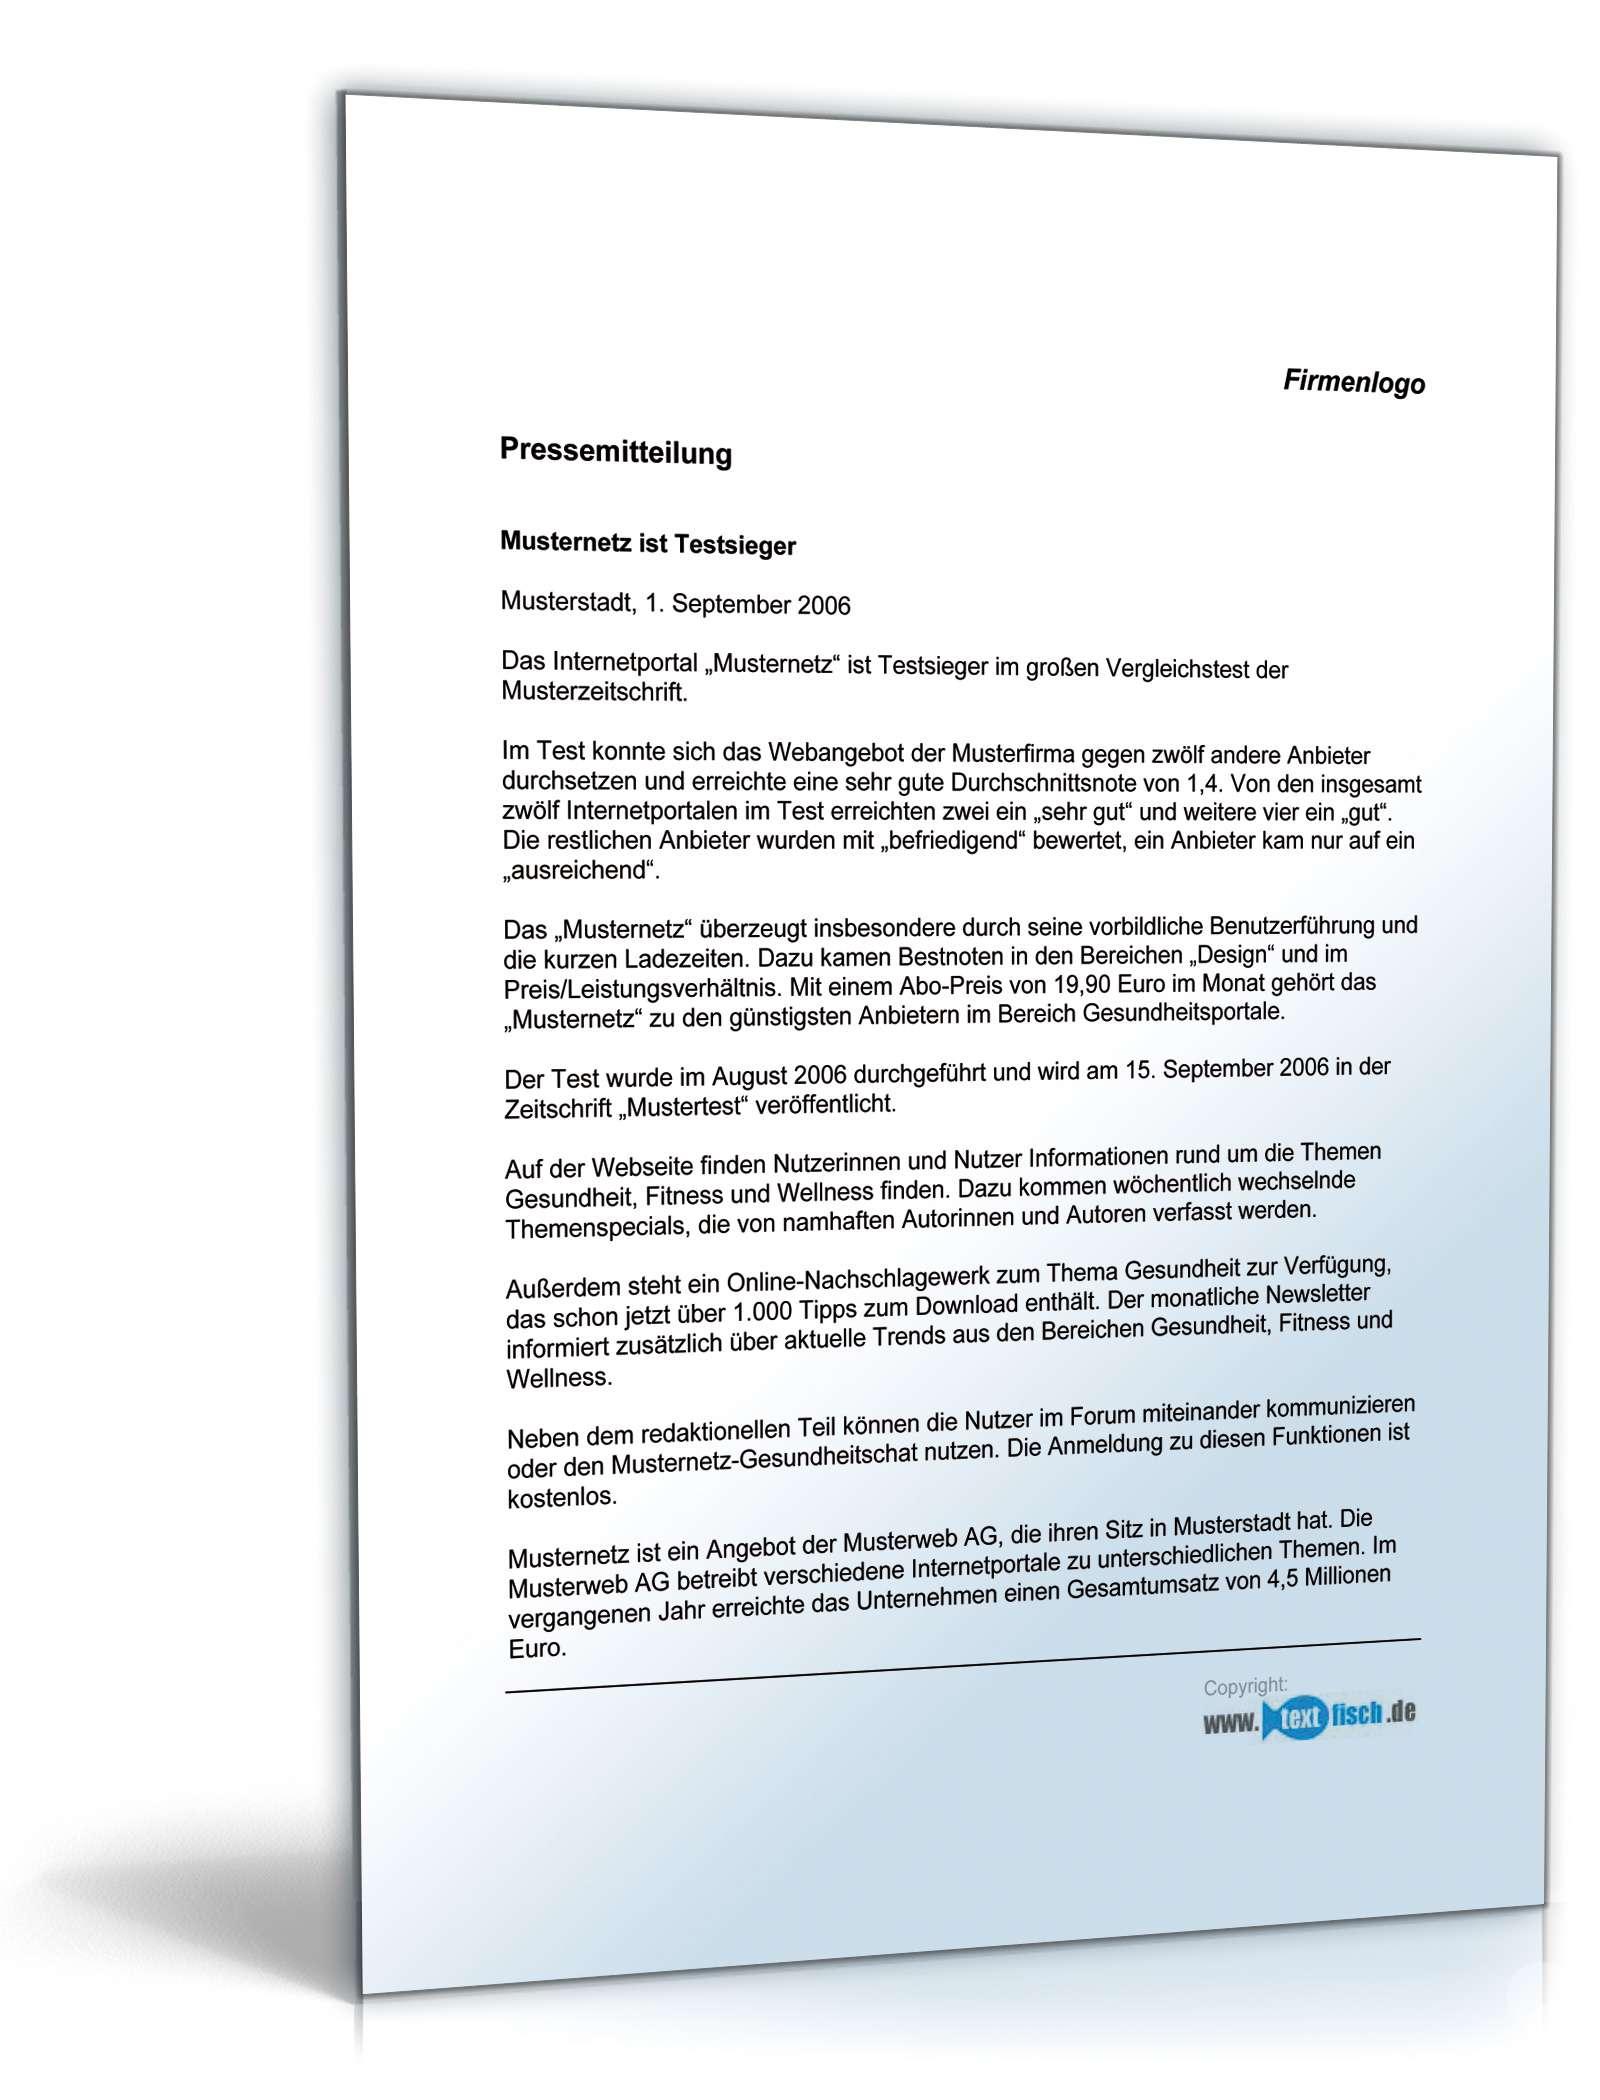 Groß Beispiel Eines Hypothekenprozessors Fotos - Entry Level Resume ...